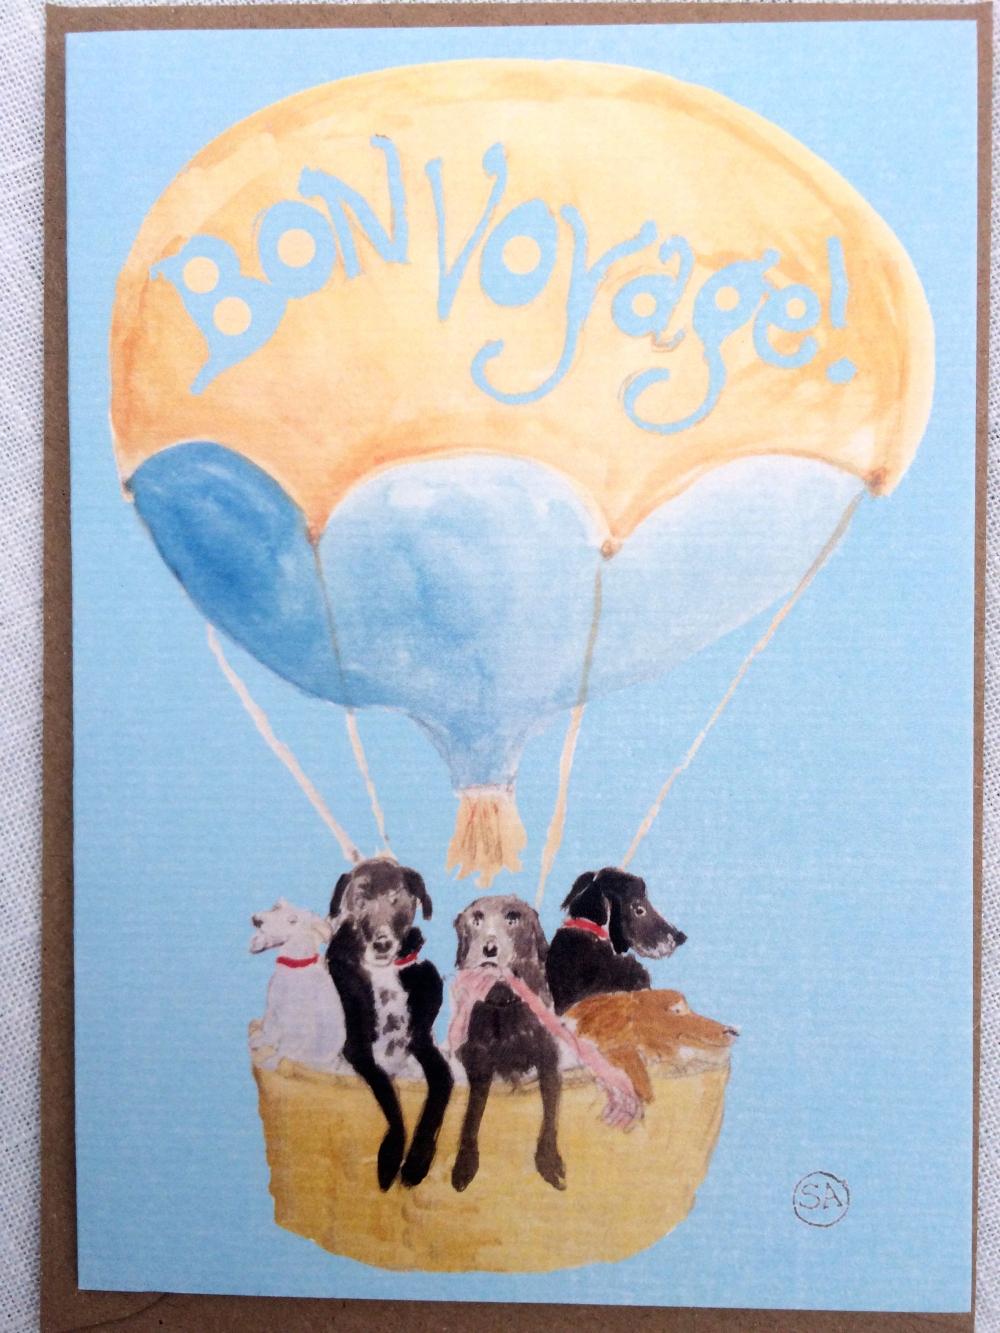 Greeting Cards by Sal Ashmore - Bon Voyage